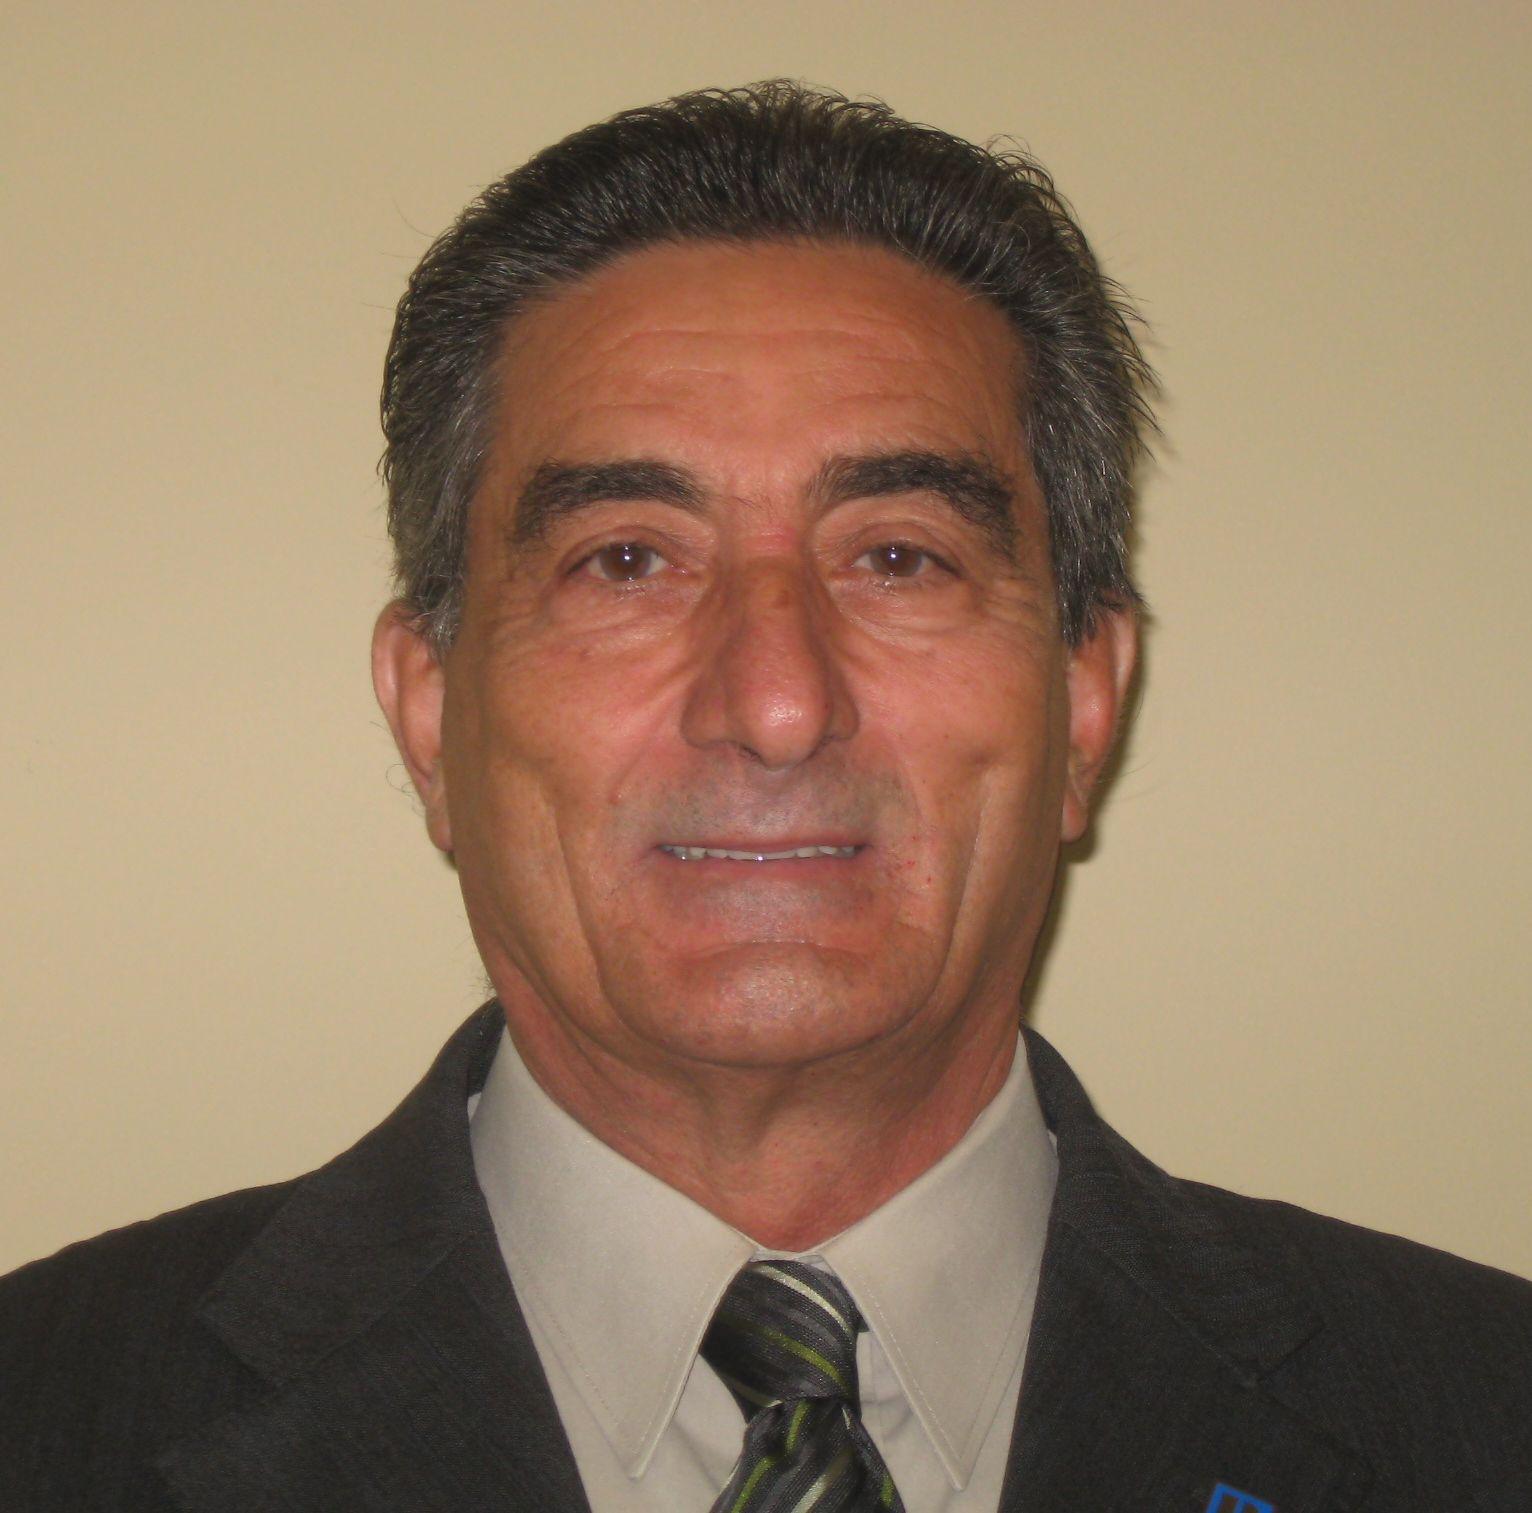 Pasquale Pucella